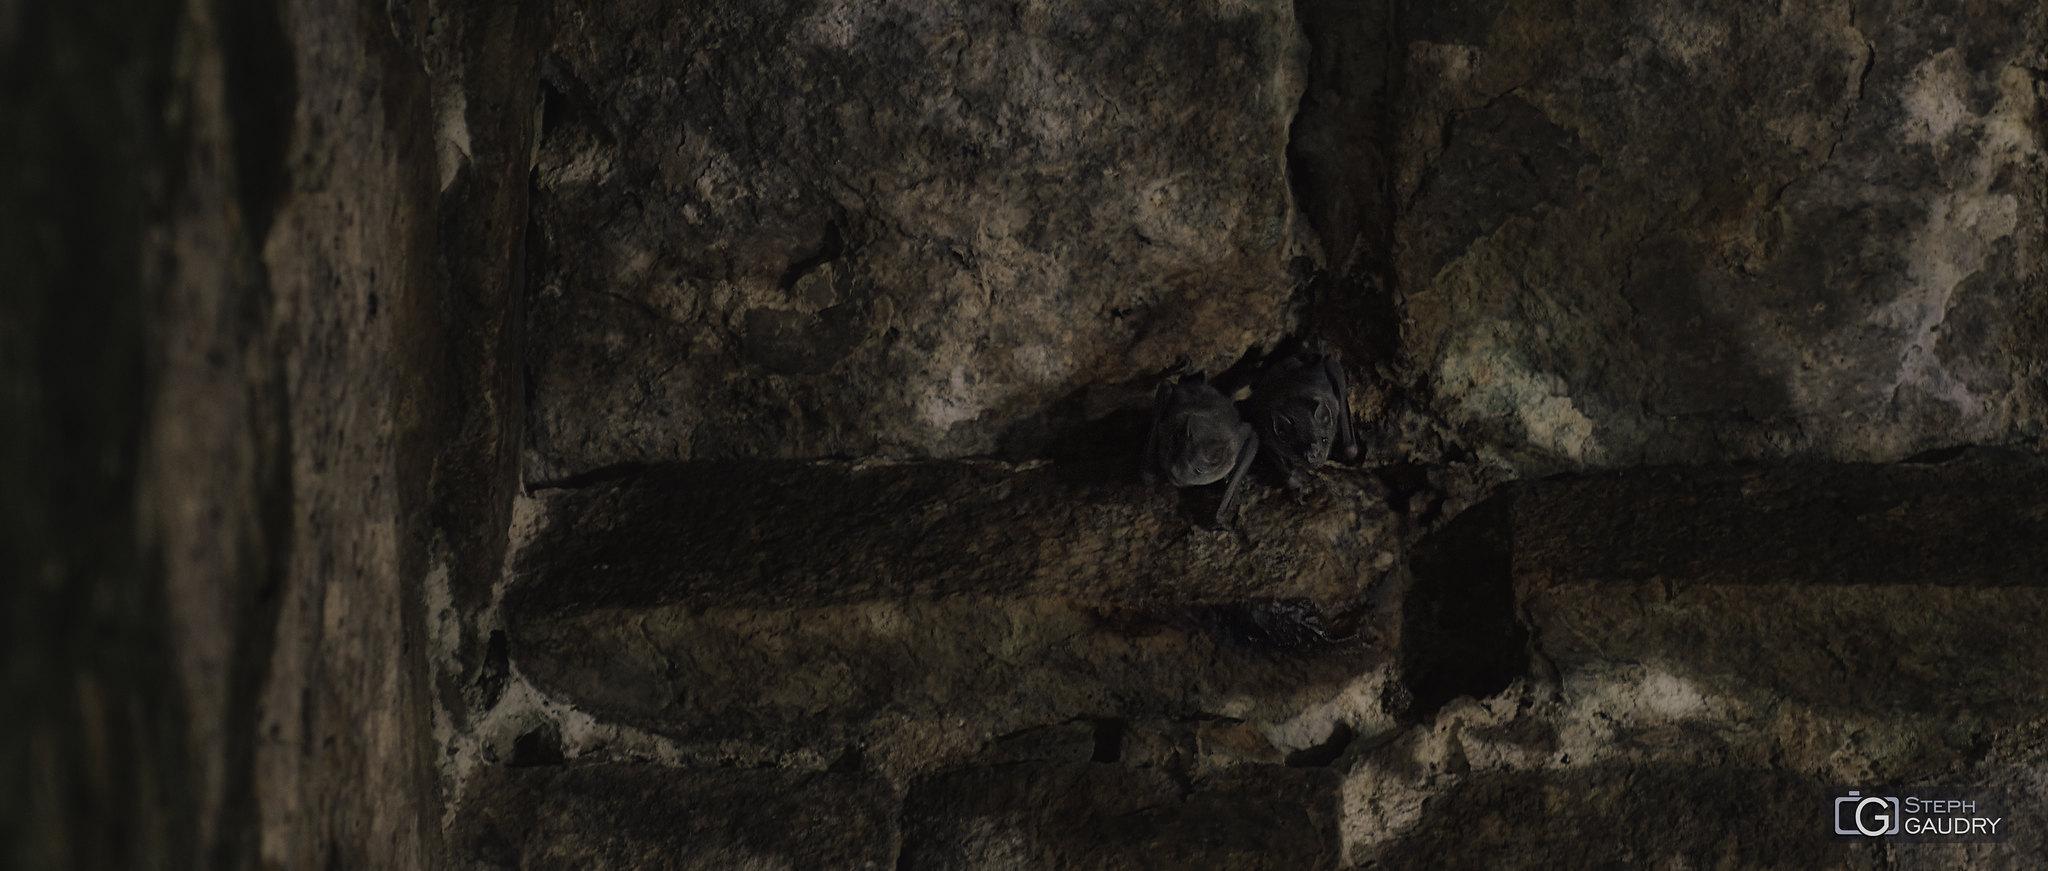 Les chauves-souris dans les ruines d'Uxmal  [Cliquez pour lancer le diaporama]